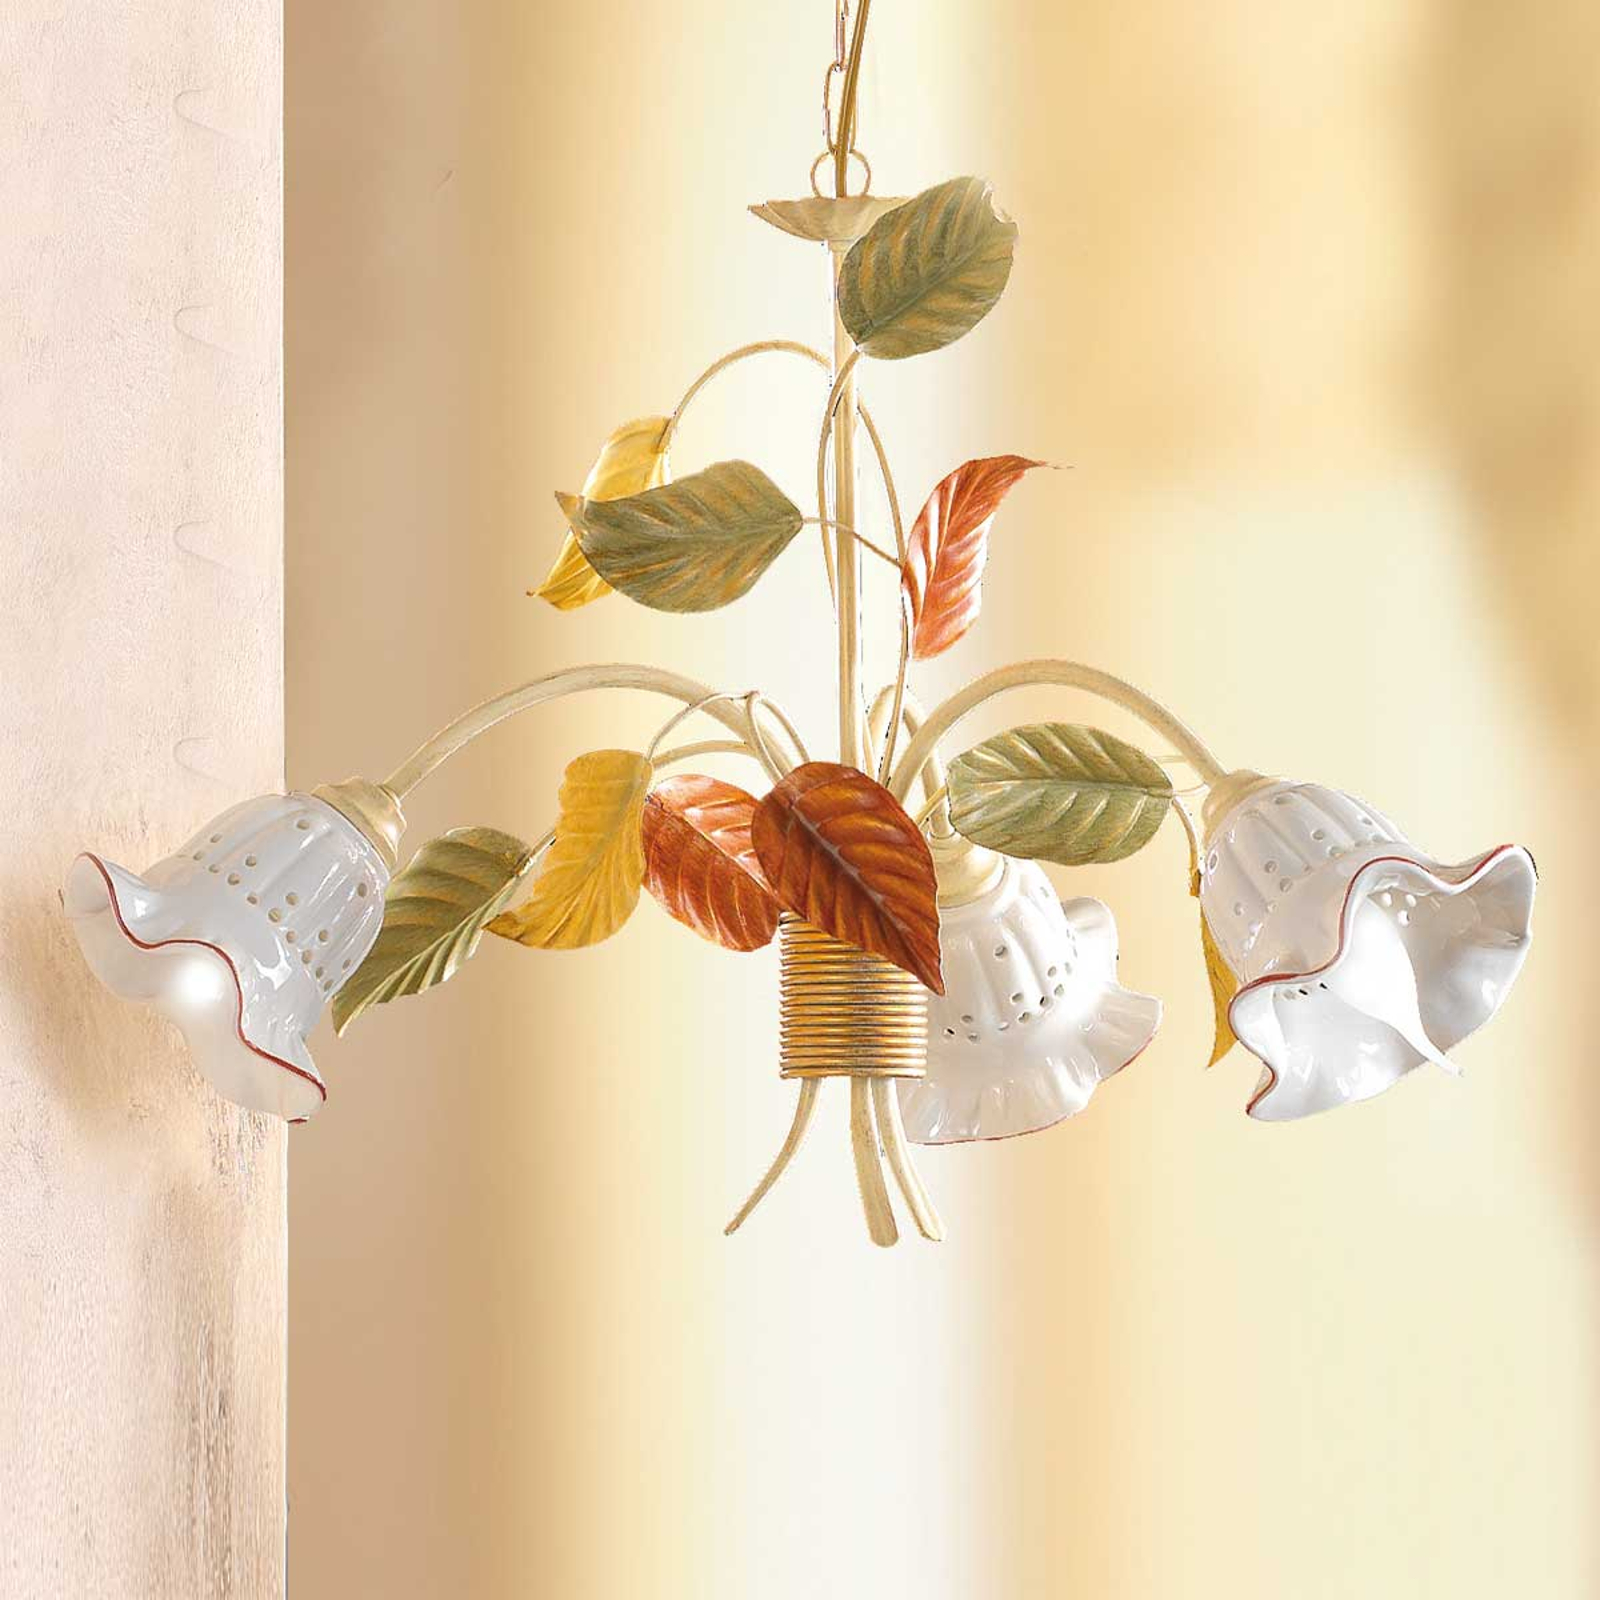 Suspension Flora de style florentin